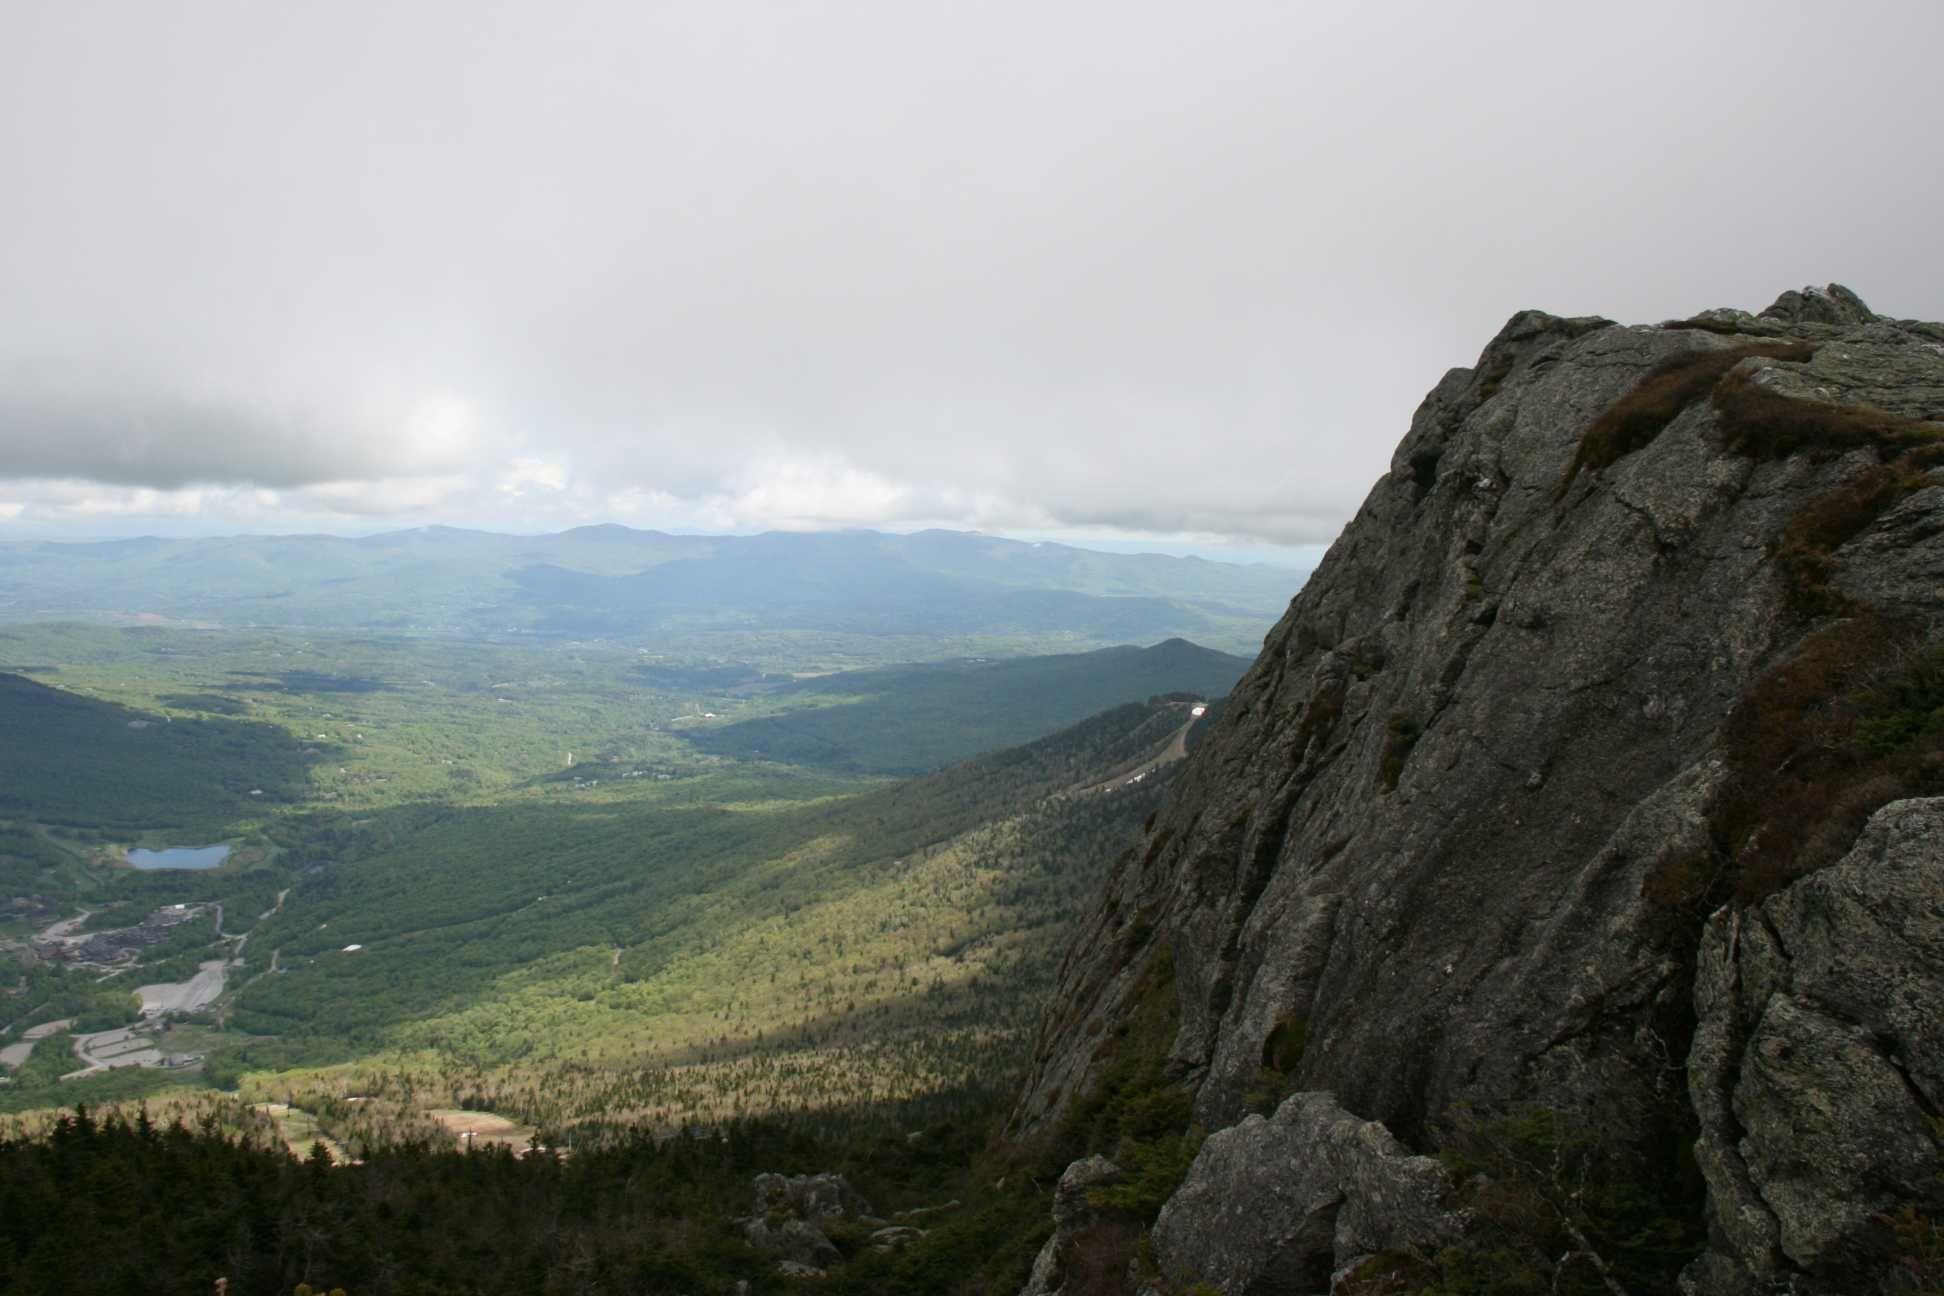 Vue sommet Mansfield, Vermont, mai 2014